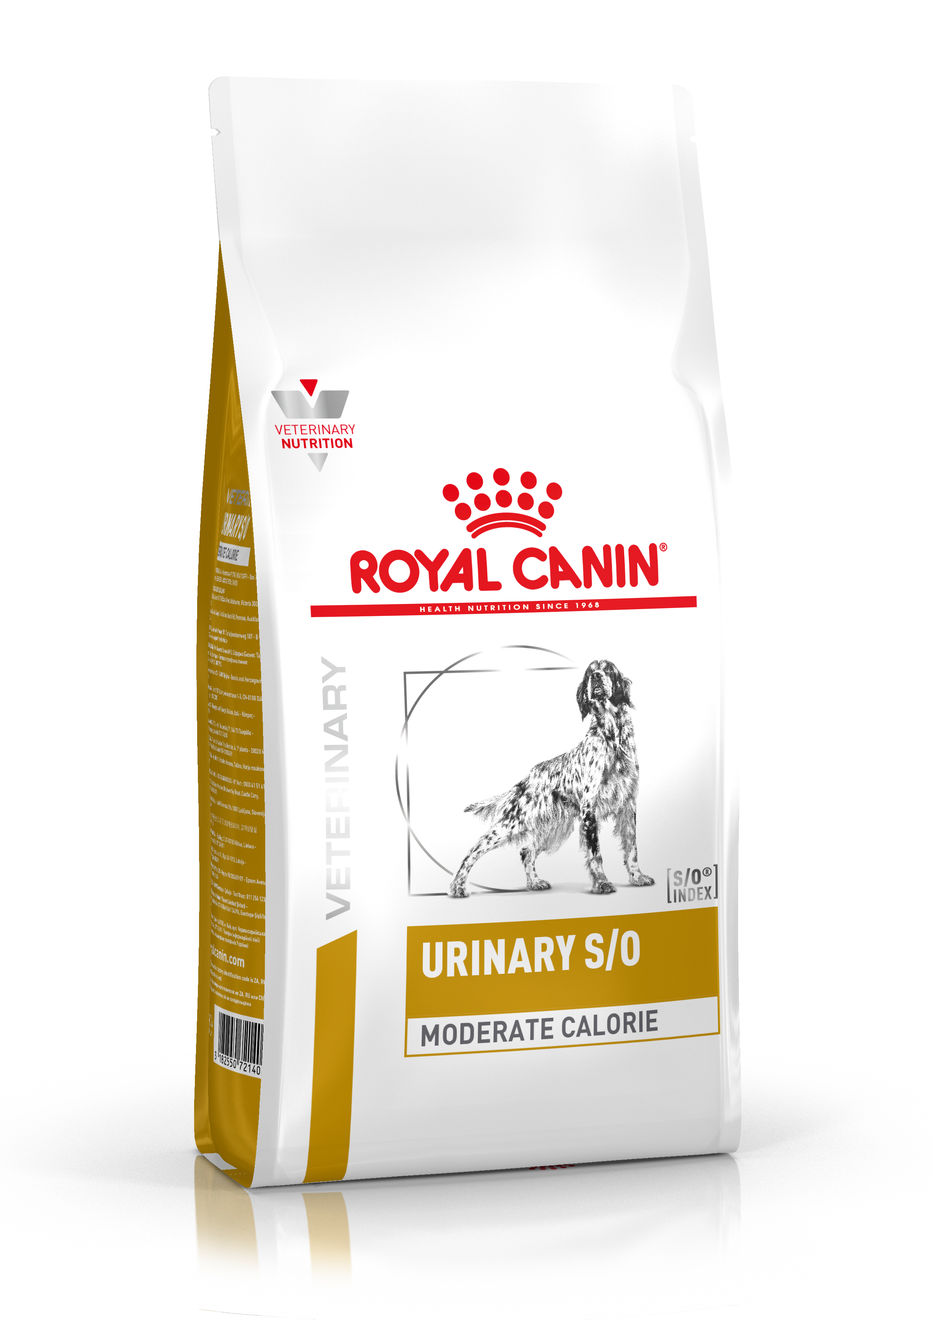 ROYAL CANIN URINARY S/OMODERATE CALORIE – лечебный сухой корм для собак с мочекаменной болезнью